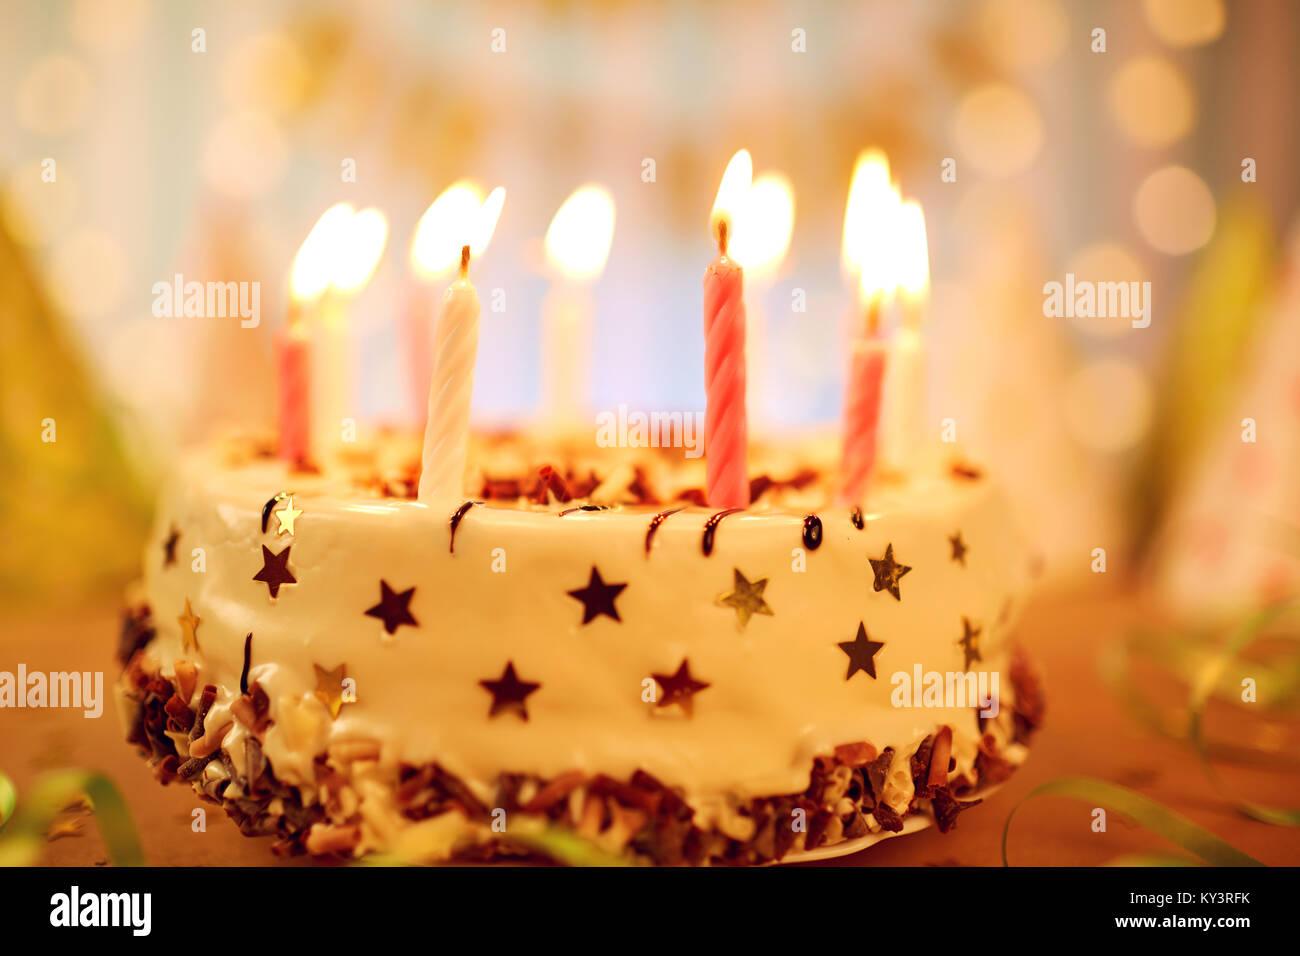 Joyeux Anniversaire Gâteau Avec Bougies Banque Dimages Photo Stock